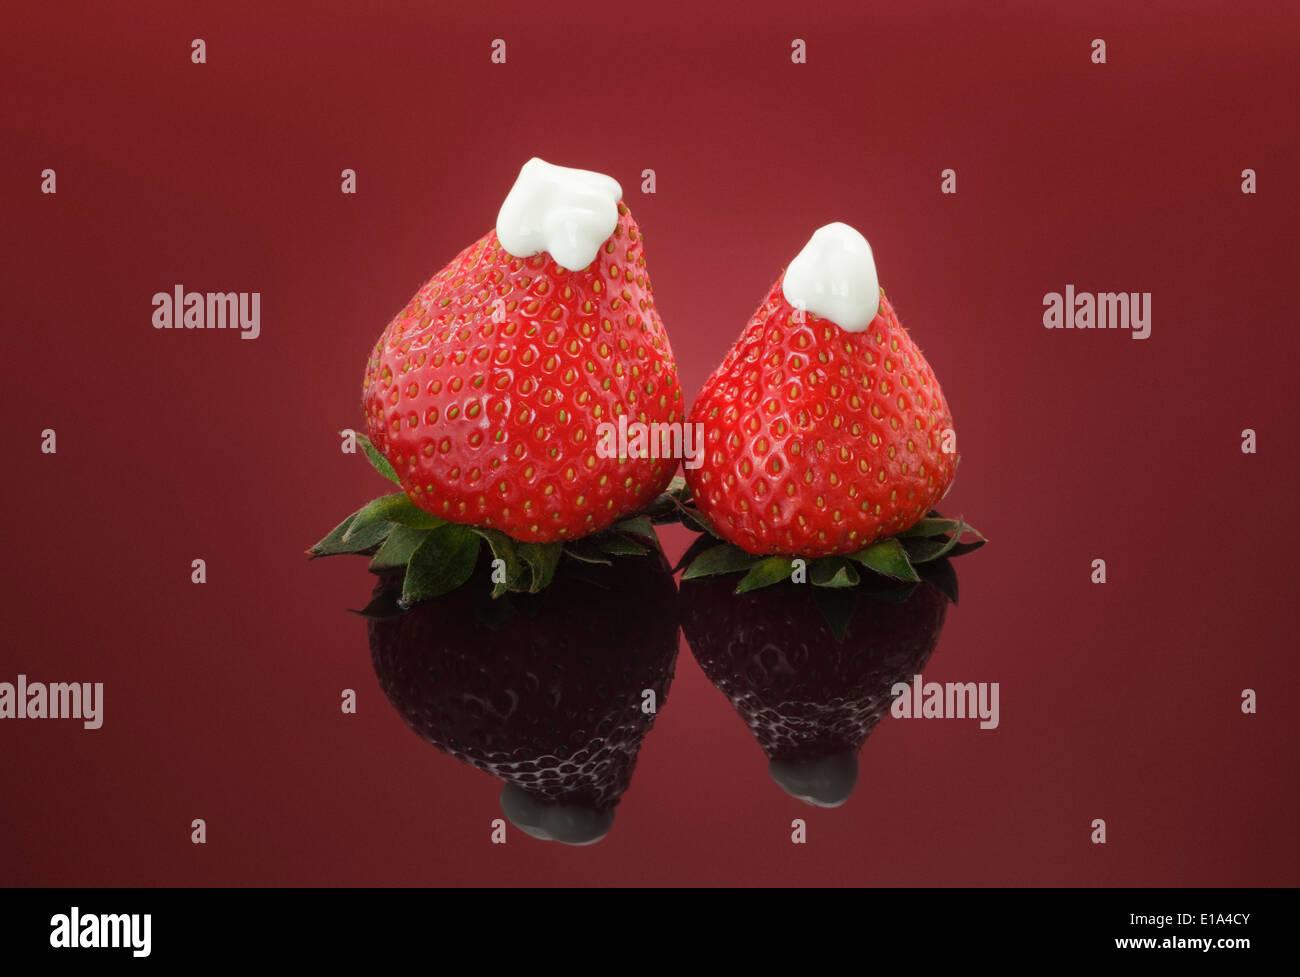 Dos fresas frescas rematado con gruesos yogur natural sobre fondo rojo. Imagen De Stock